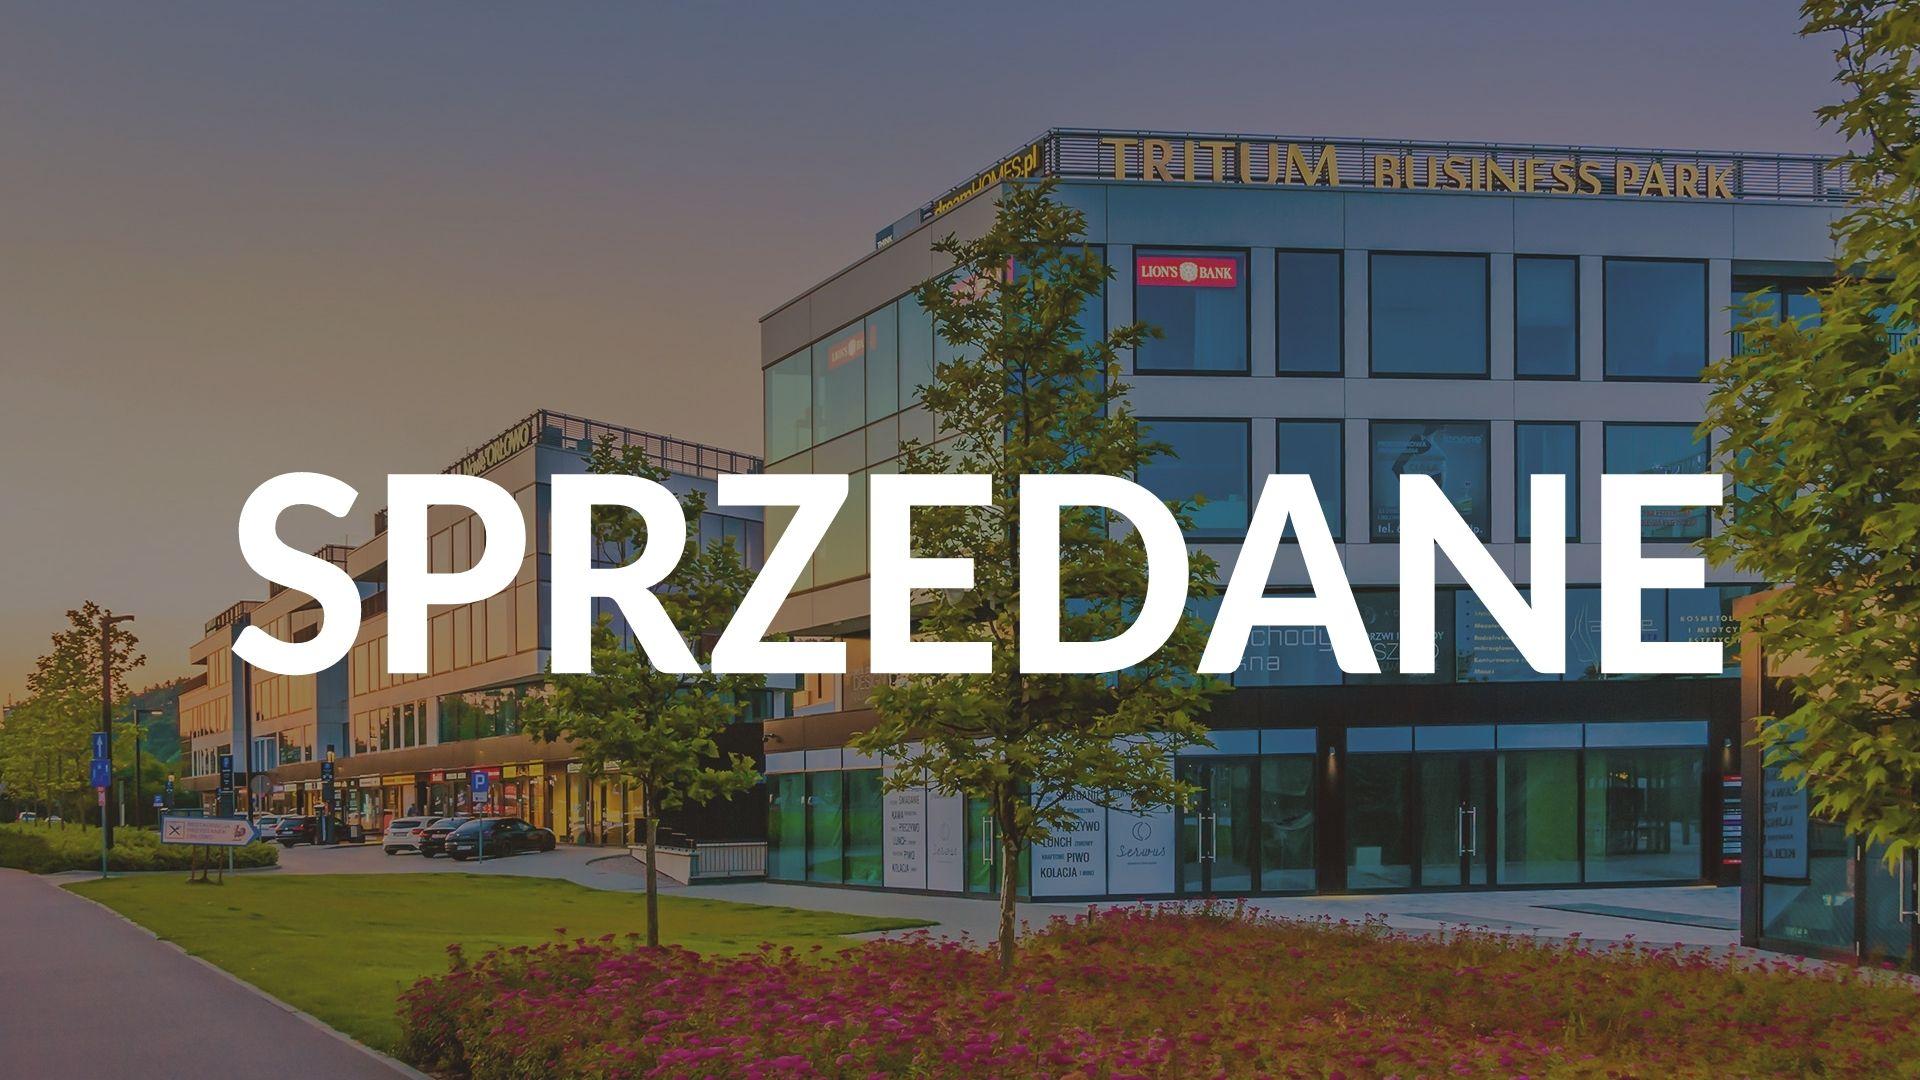 Lokal usługowy z Najemcą  - TOP lokalizacja